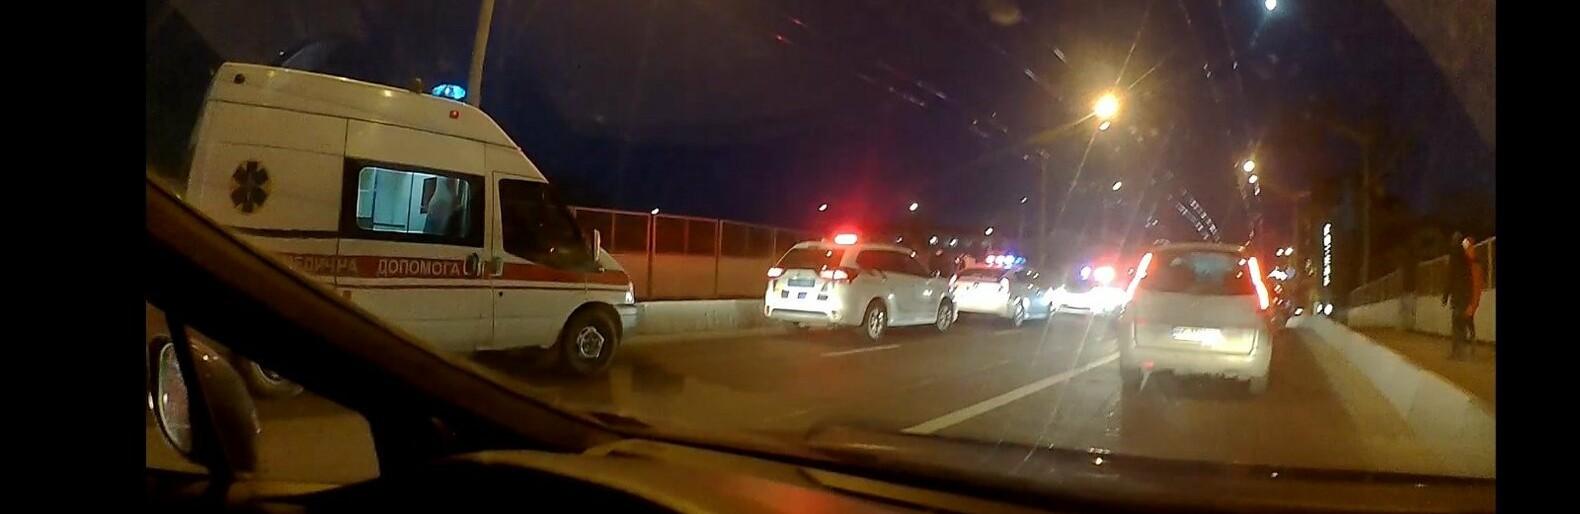 У Тернополі чоловік хотів стрибнути з мосту, його дивом врятував випадковий водій, Ірина Герман